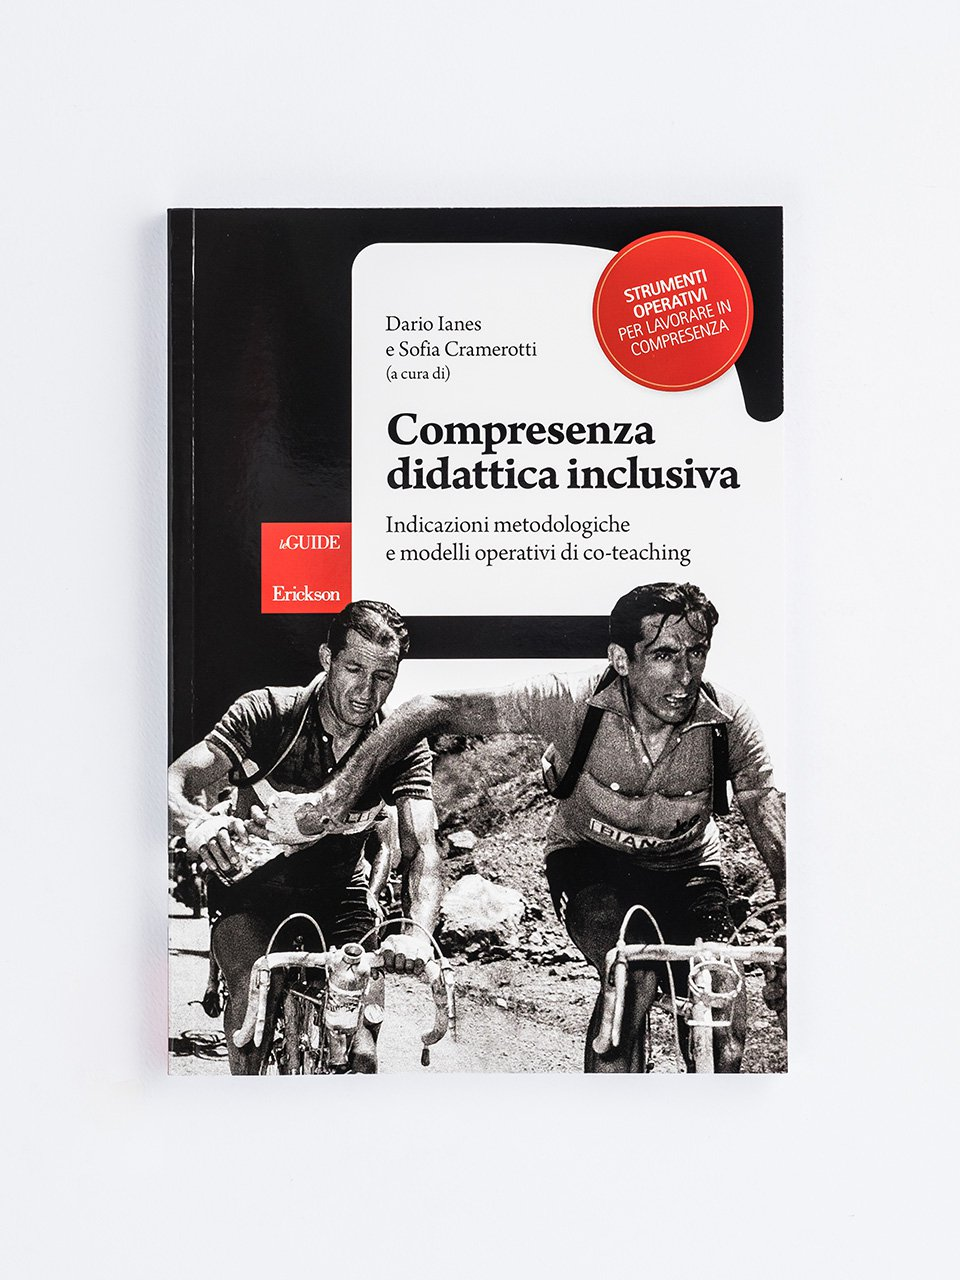 Compresenza didattica inclusiva - La valutazione inclusiva - Formazione - Erickson